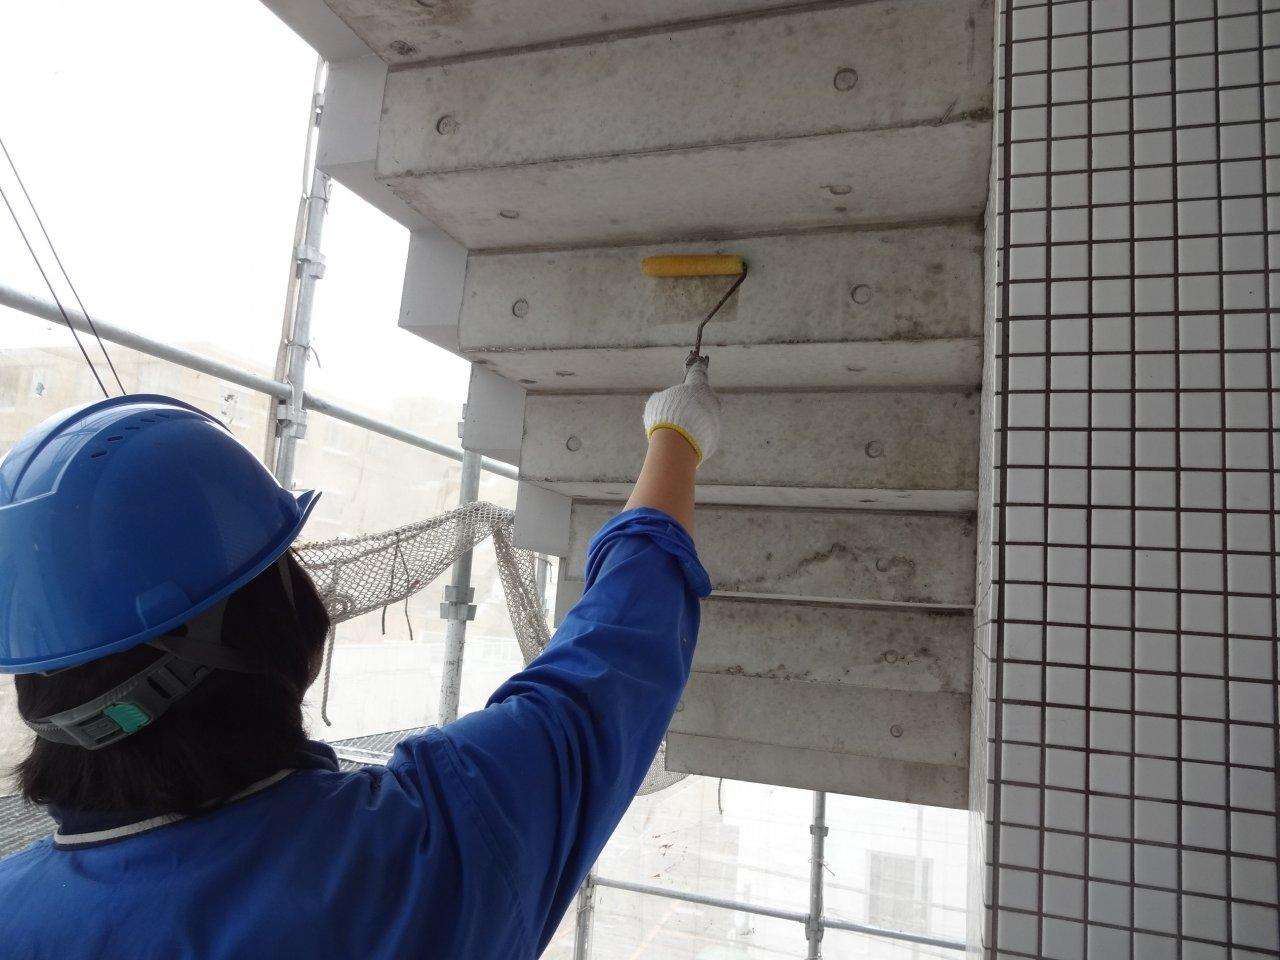 外壁保護撥水剤塗布7 階段裏